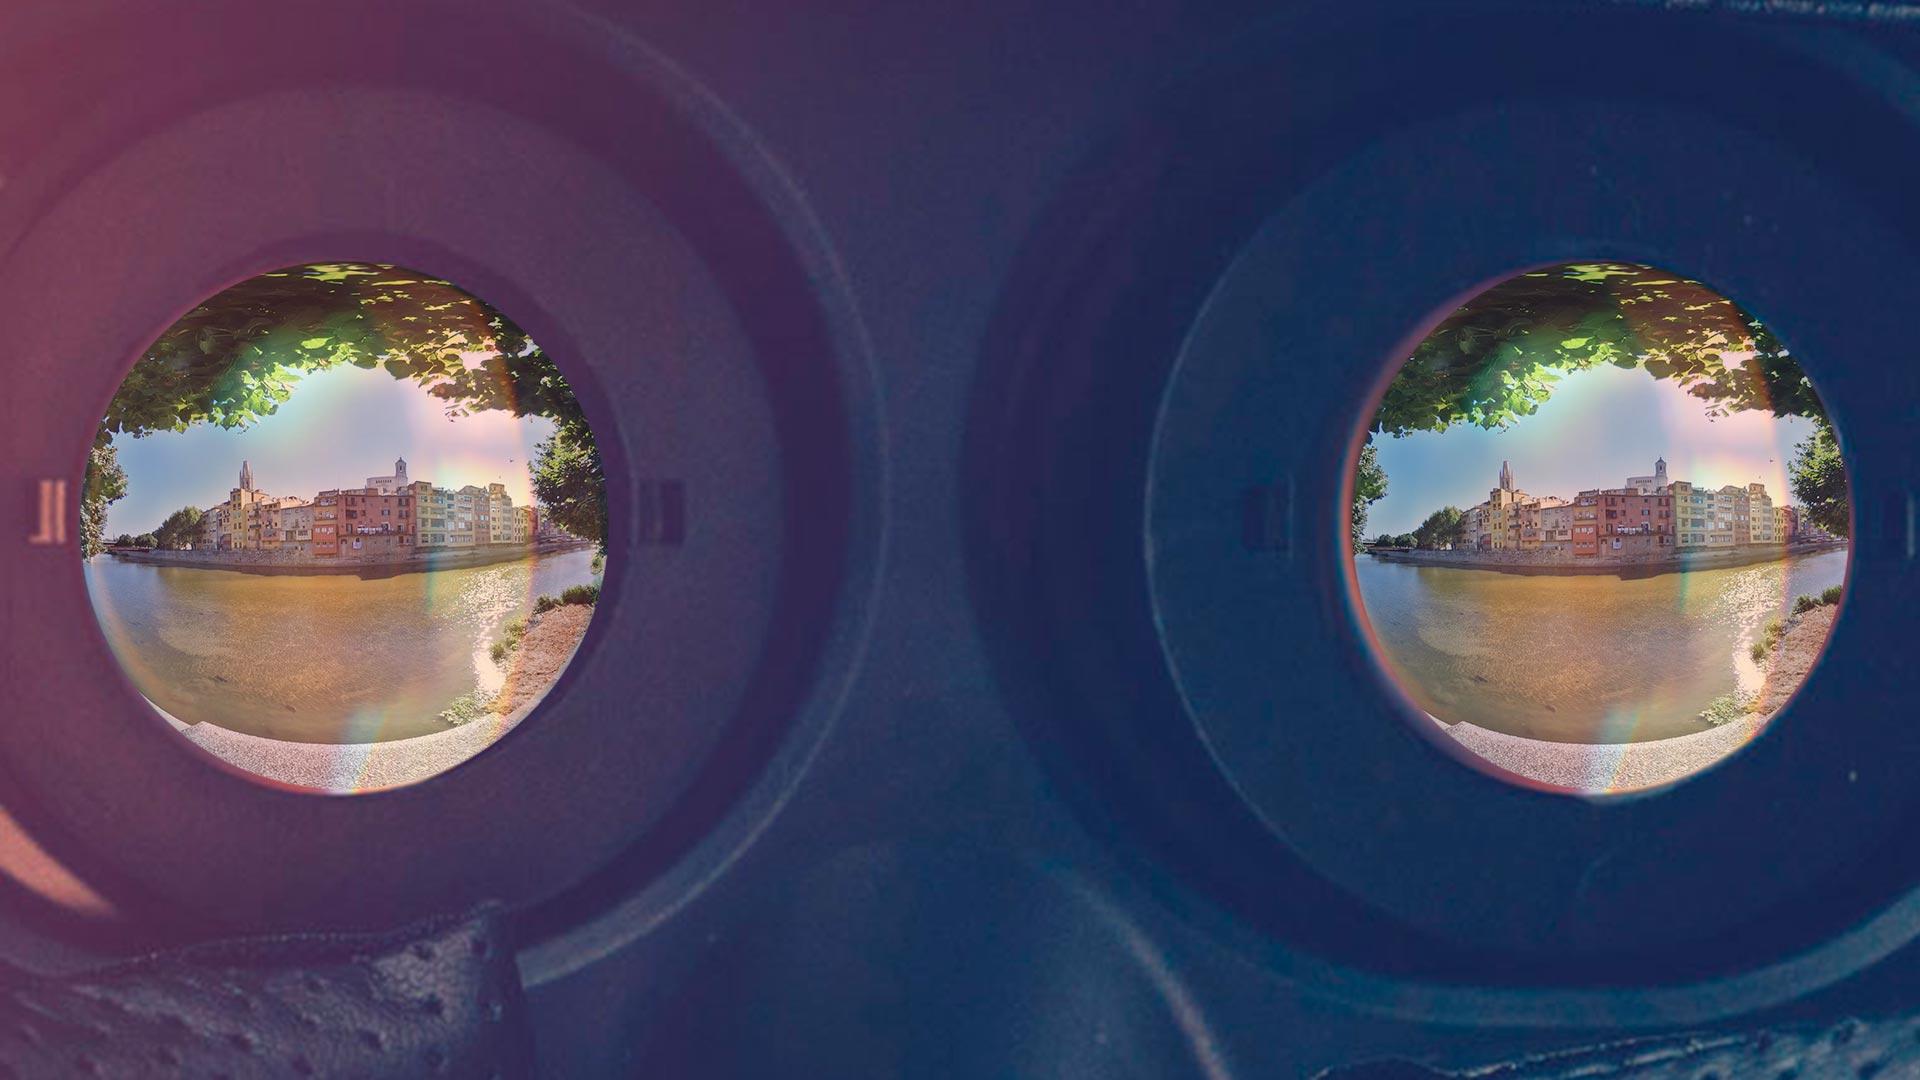 TOUR VIRTUAL VR | Servicio de recorridos virtuales 360 grados